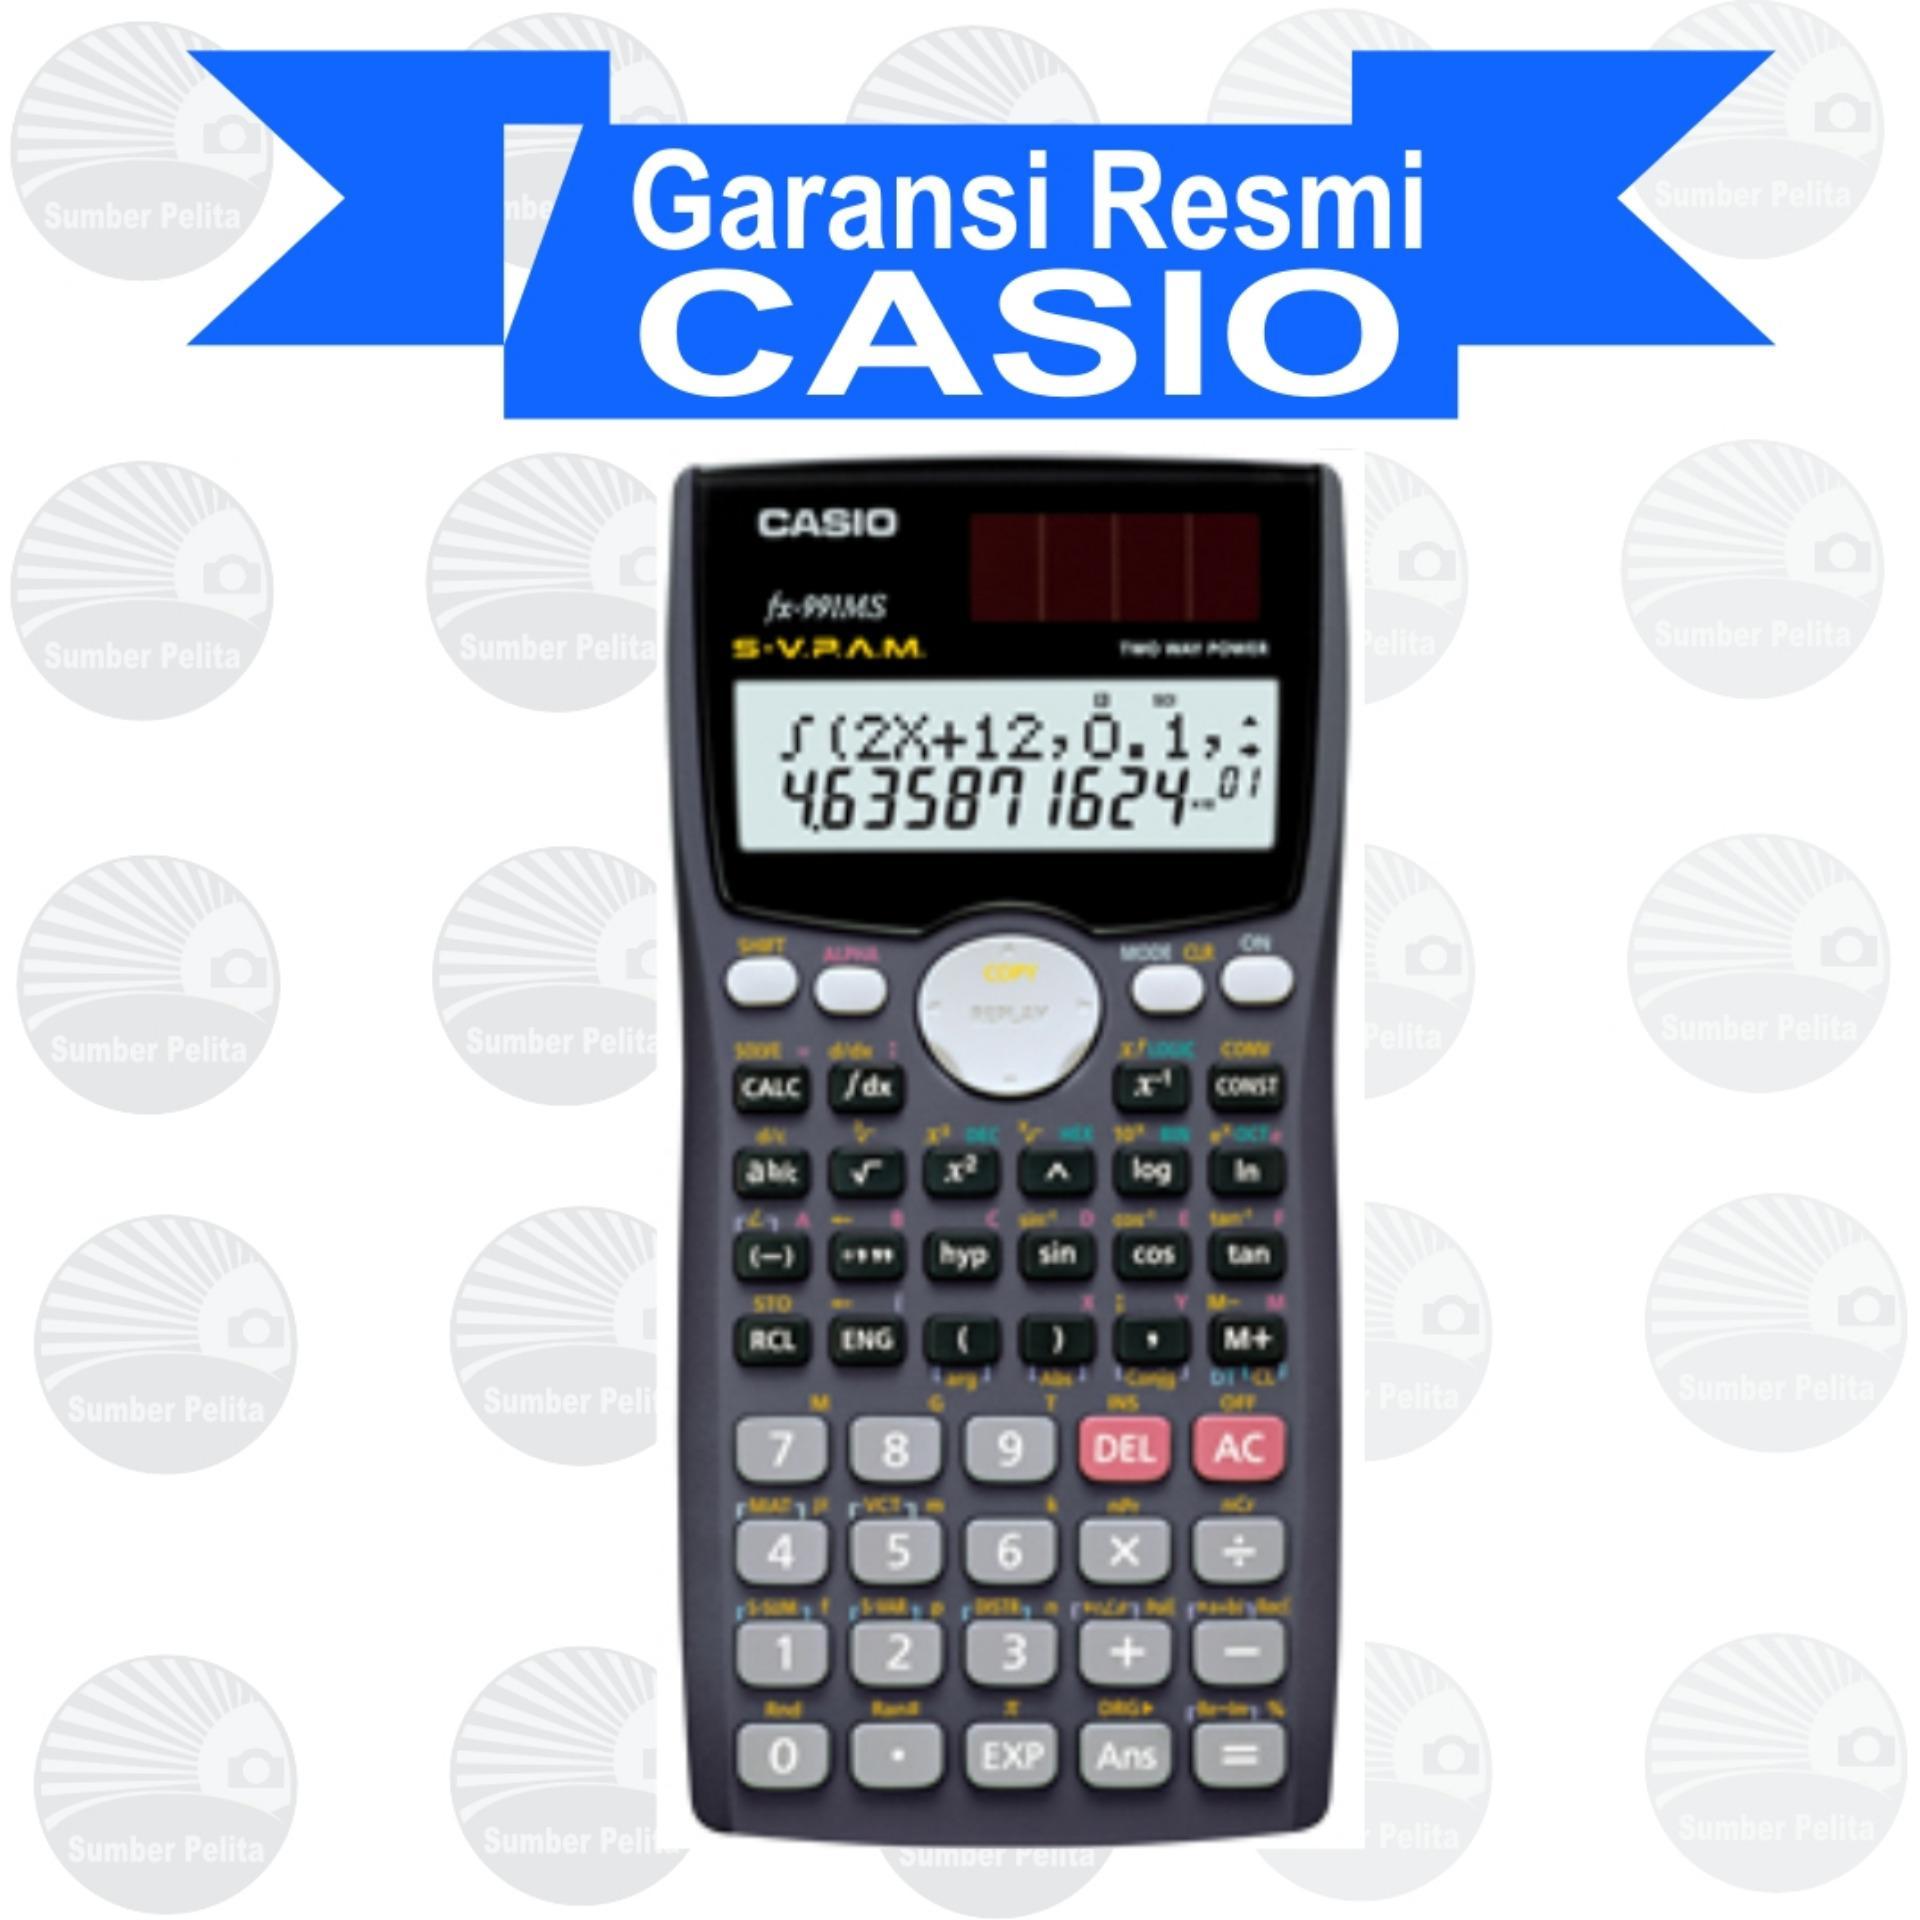 Diskon Casio Fx 991 Ms Fx 991 Casio Di Di Yogyakarta